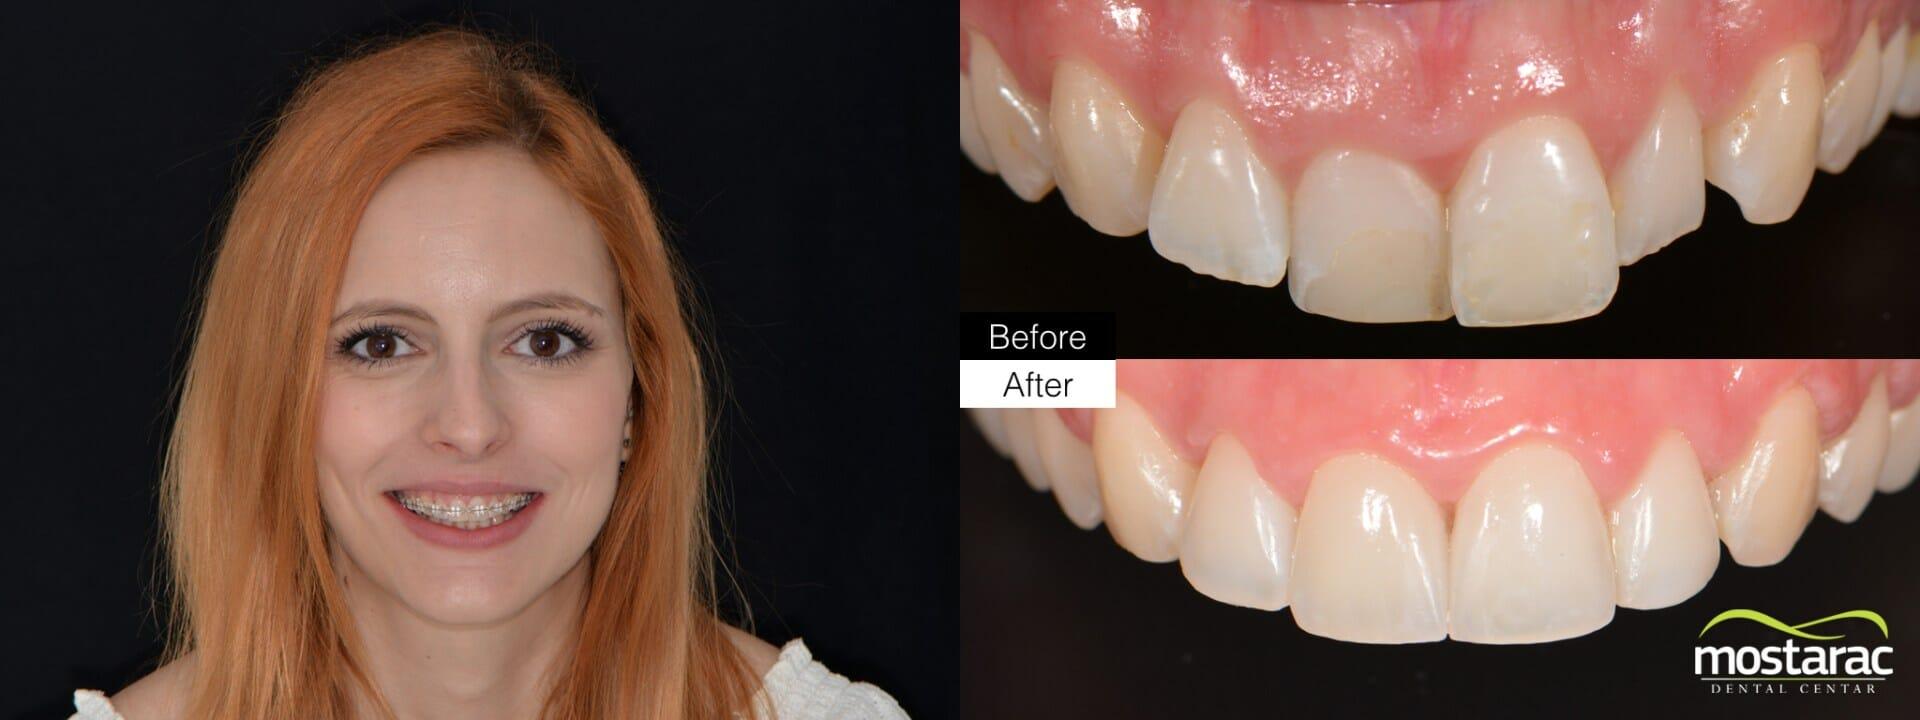 ortodoncija prije poslije